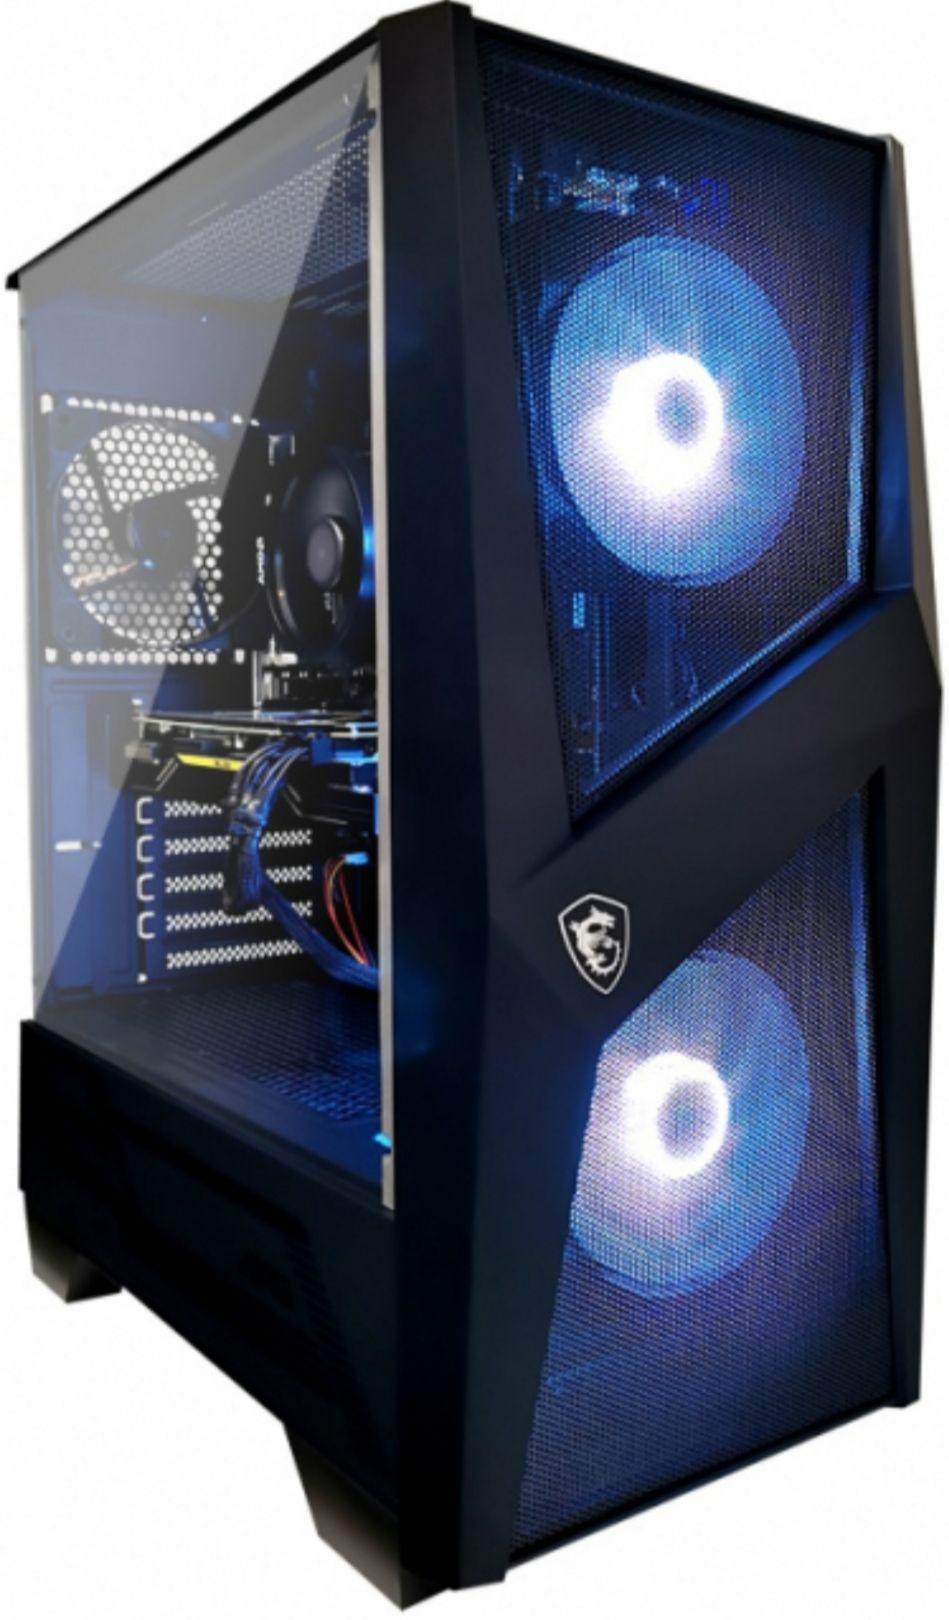 Tour PC Fixe MSI Mag Forge 100- Ryzen 7 3700x - CM B550, 16 Go de Ram, SSD 1 To, RTX 3070